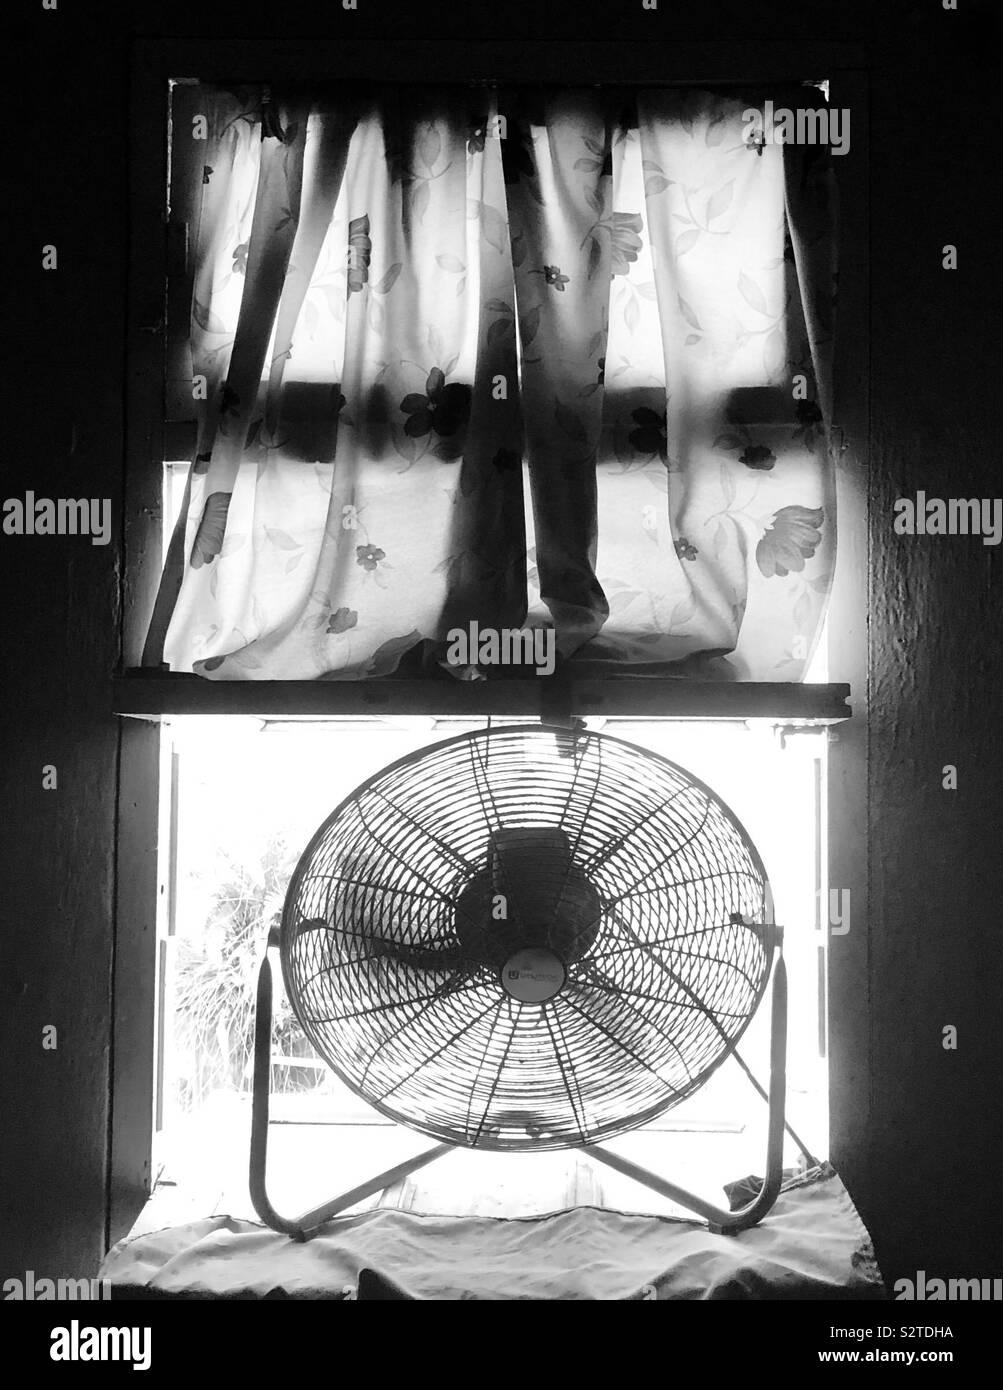 Ventilador de piso sentado en la ventana en un día caluroso y soleado. Foto de stock